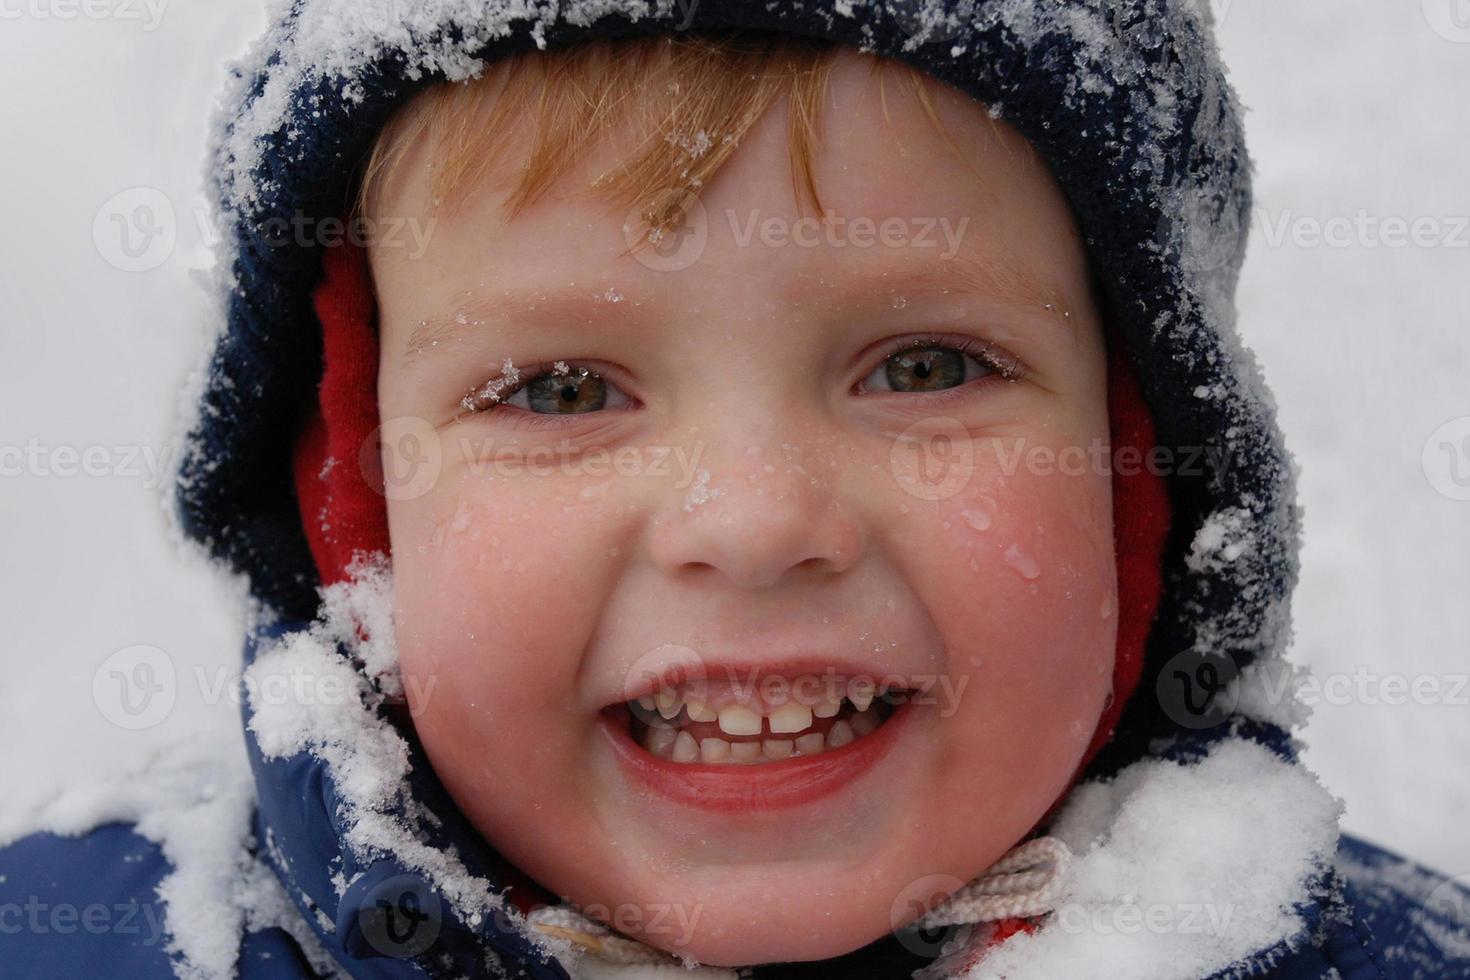 première neige photo